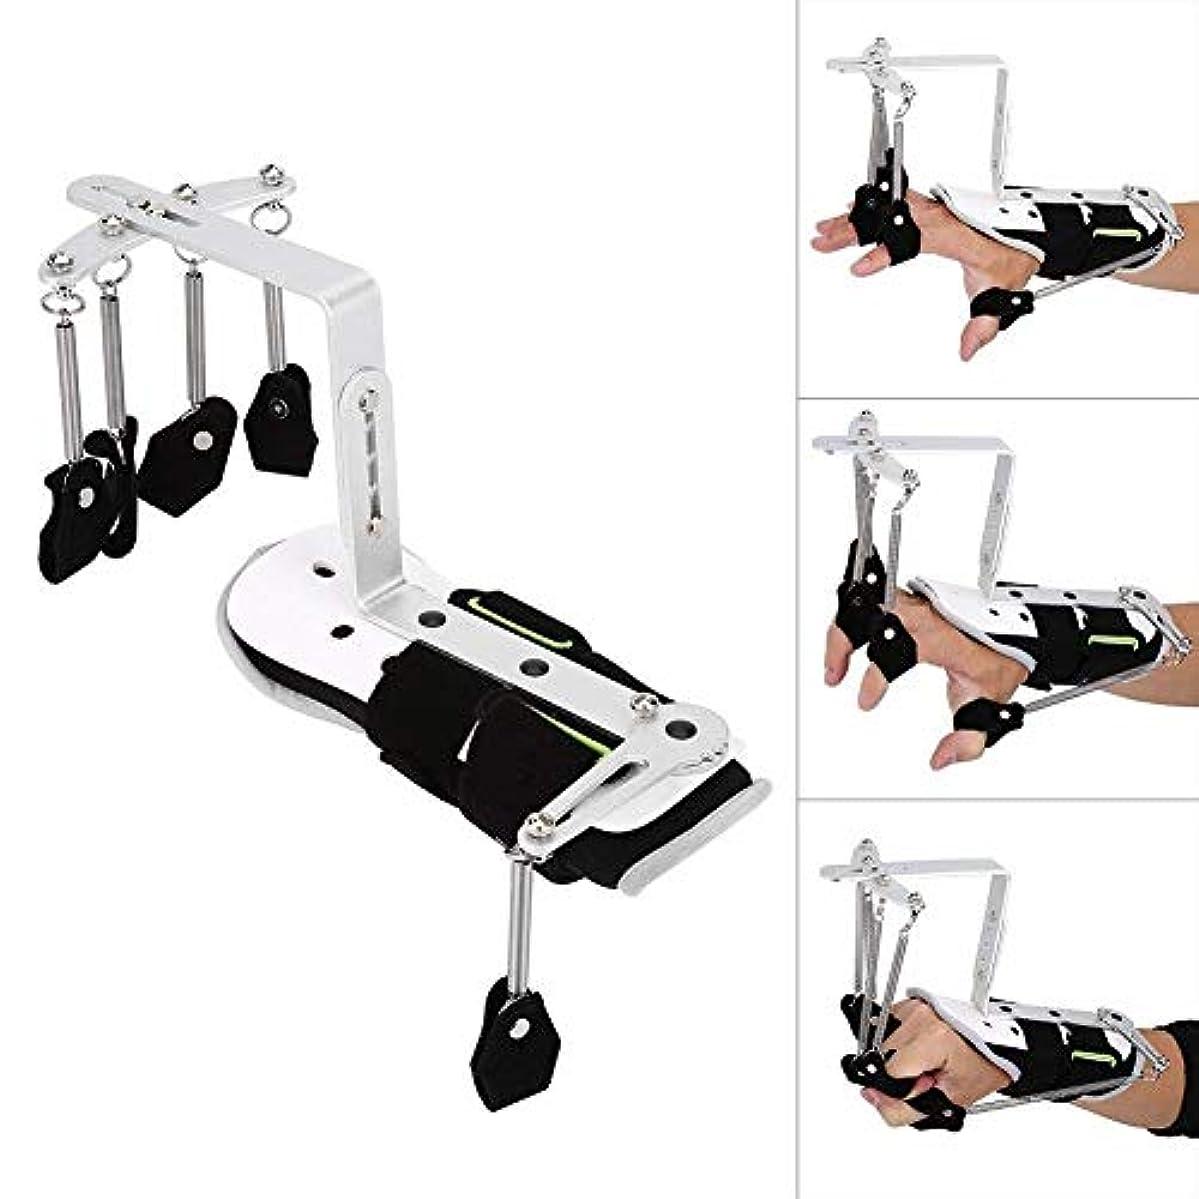 代数アサー干渉指リハビリトレーニング器具ポイント指板脳卒中脳卒中片麻痺指手の運動